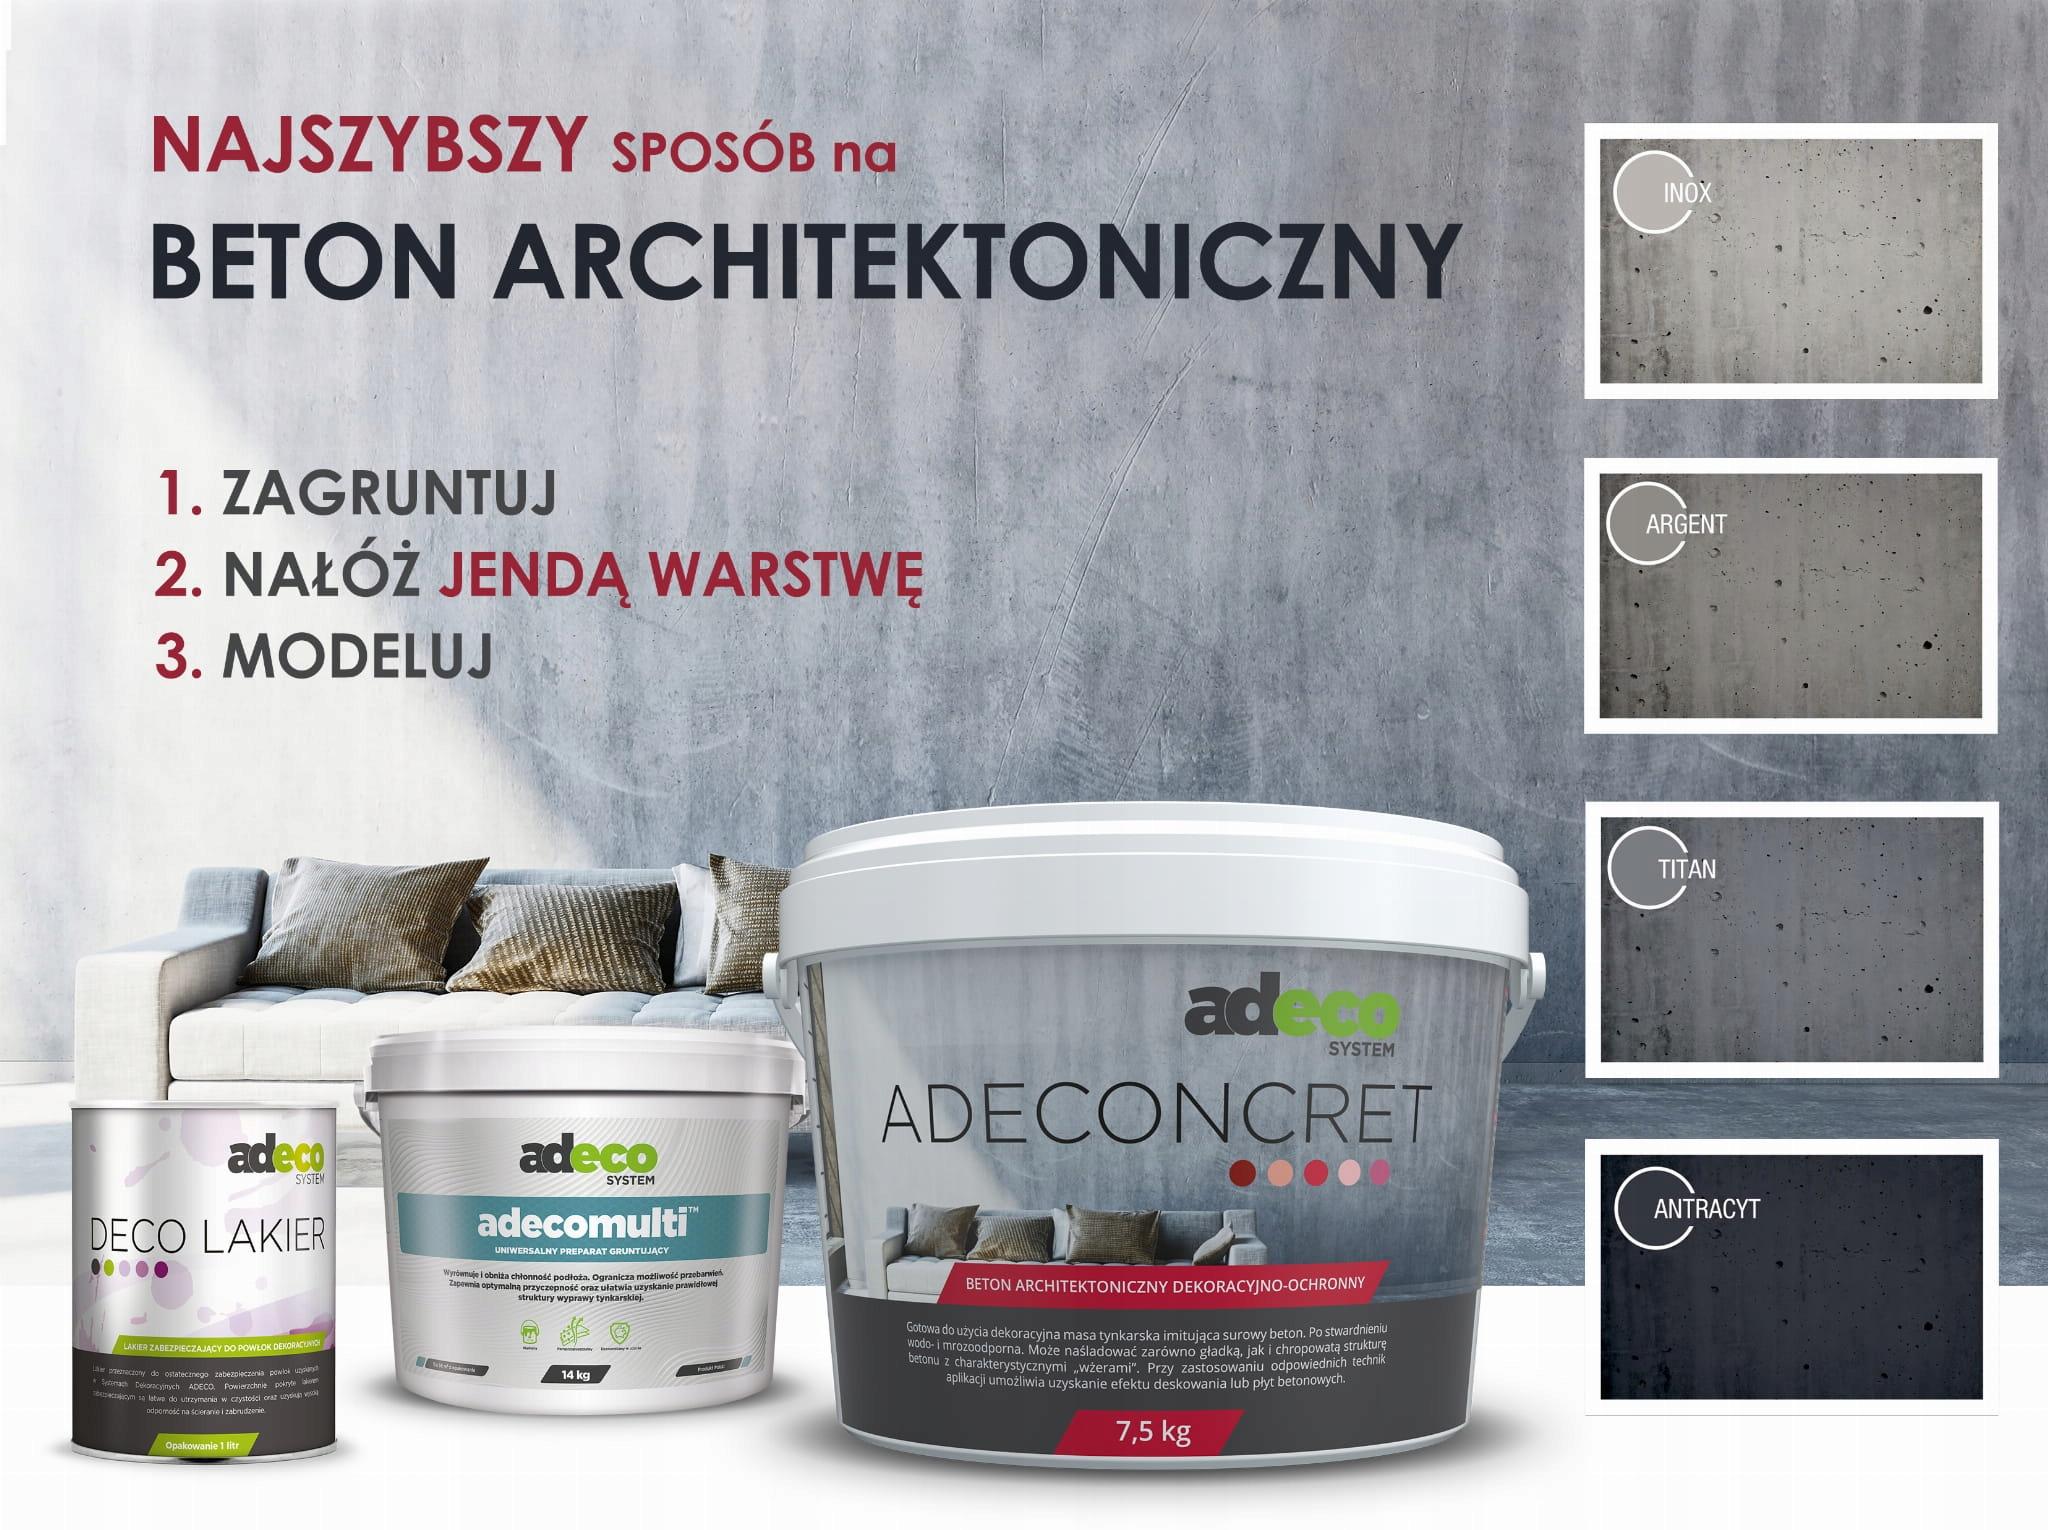 Beton architektoniczny gotowy tynk dekoracyjny